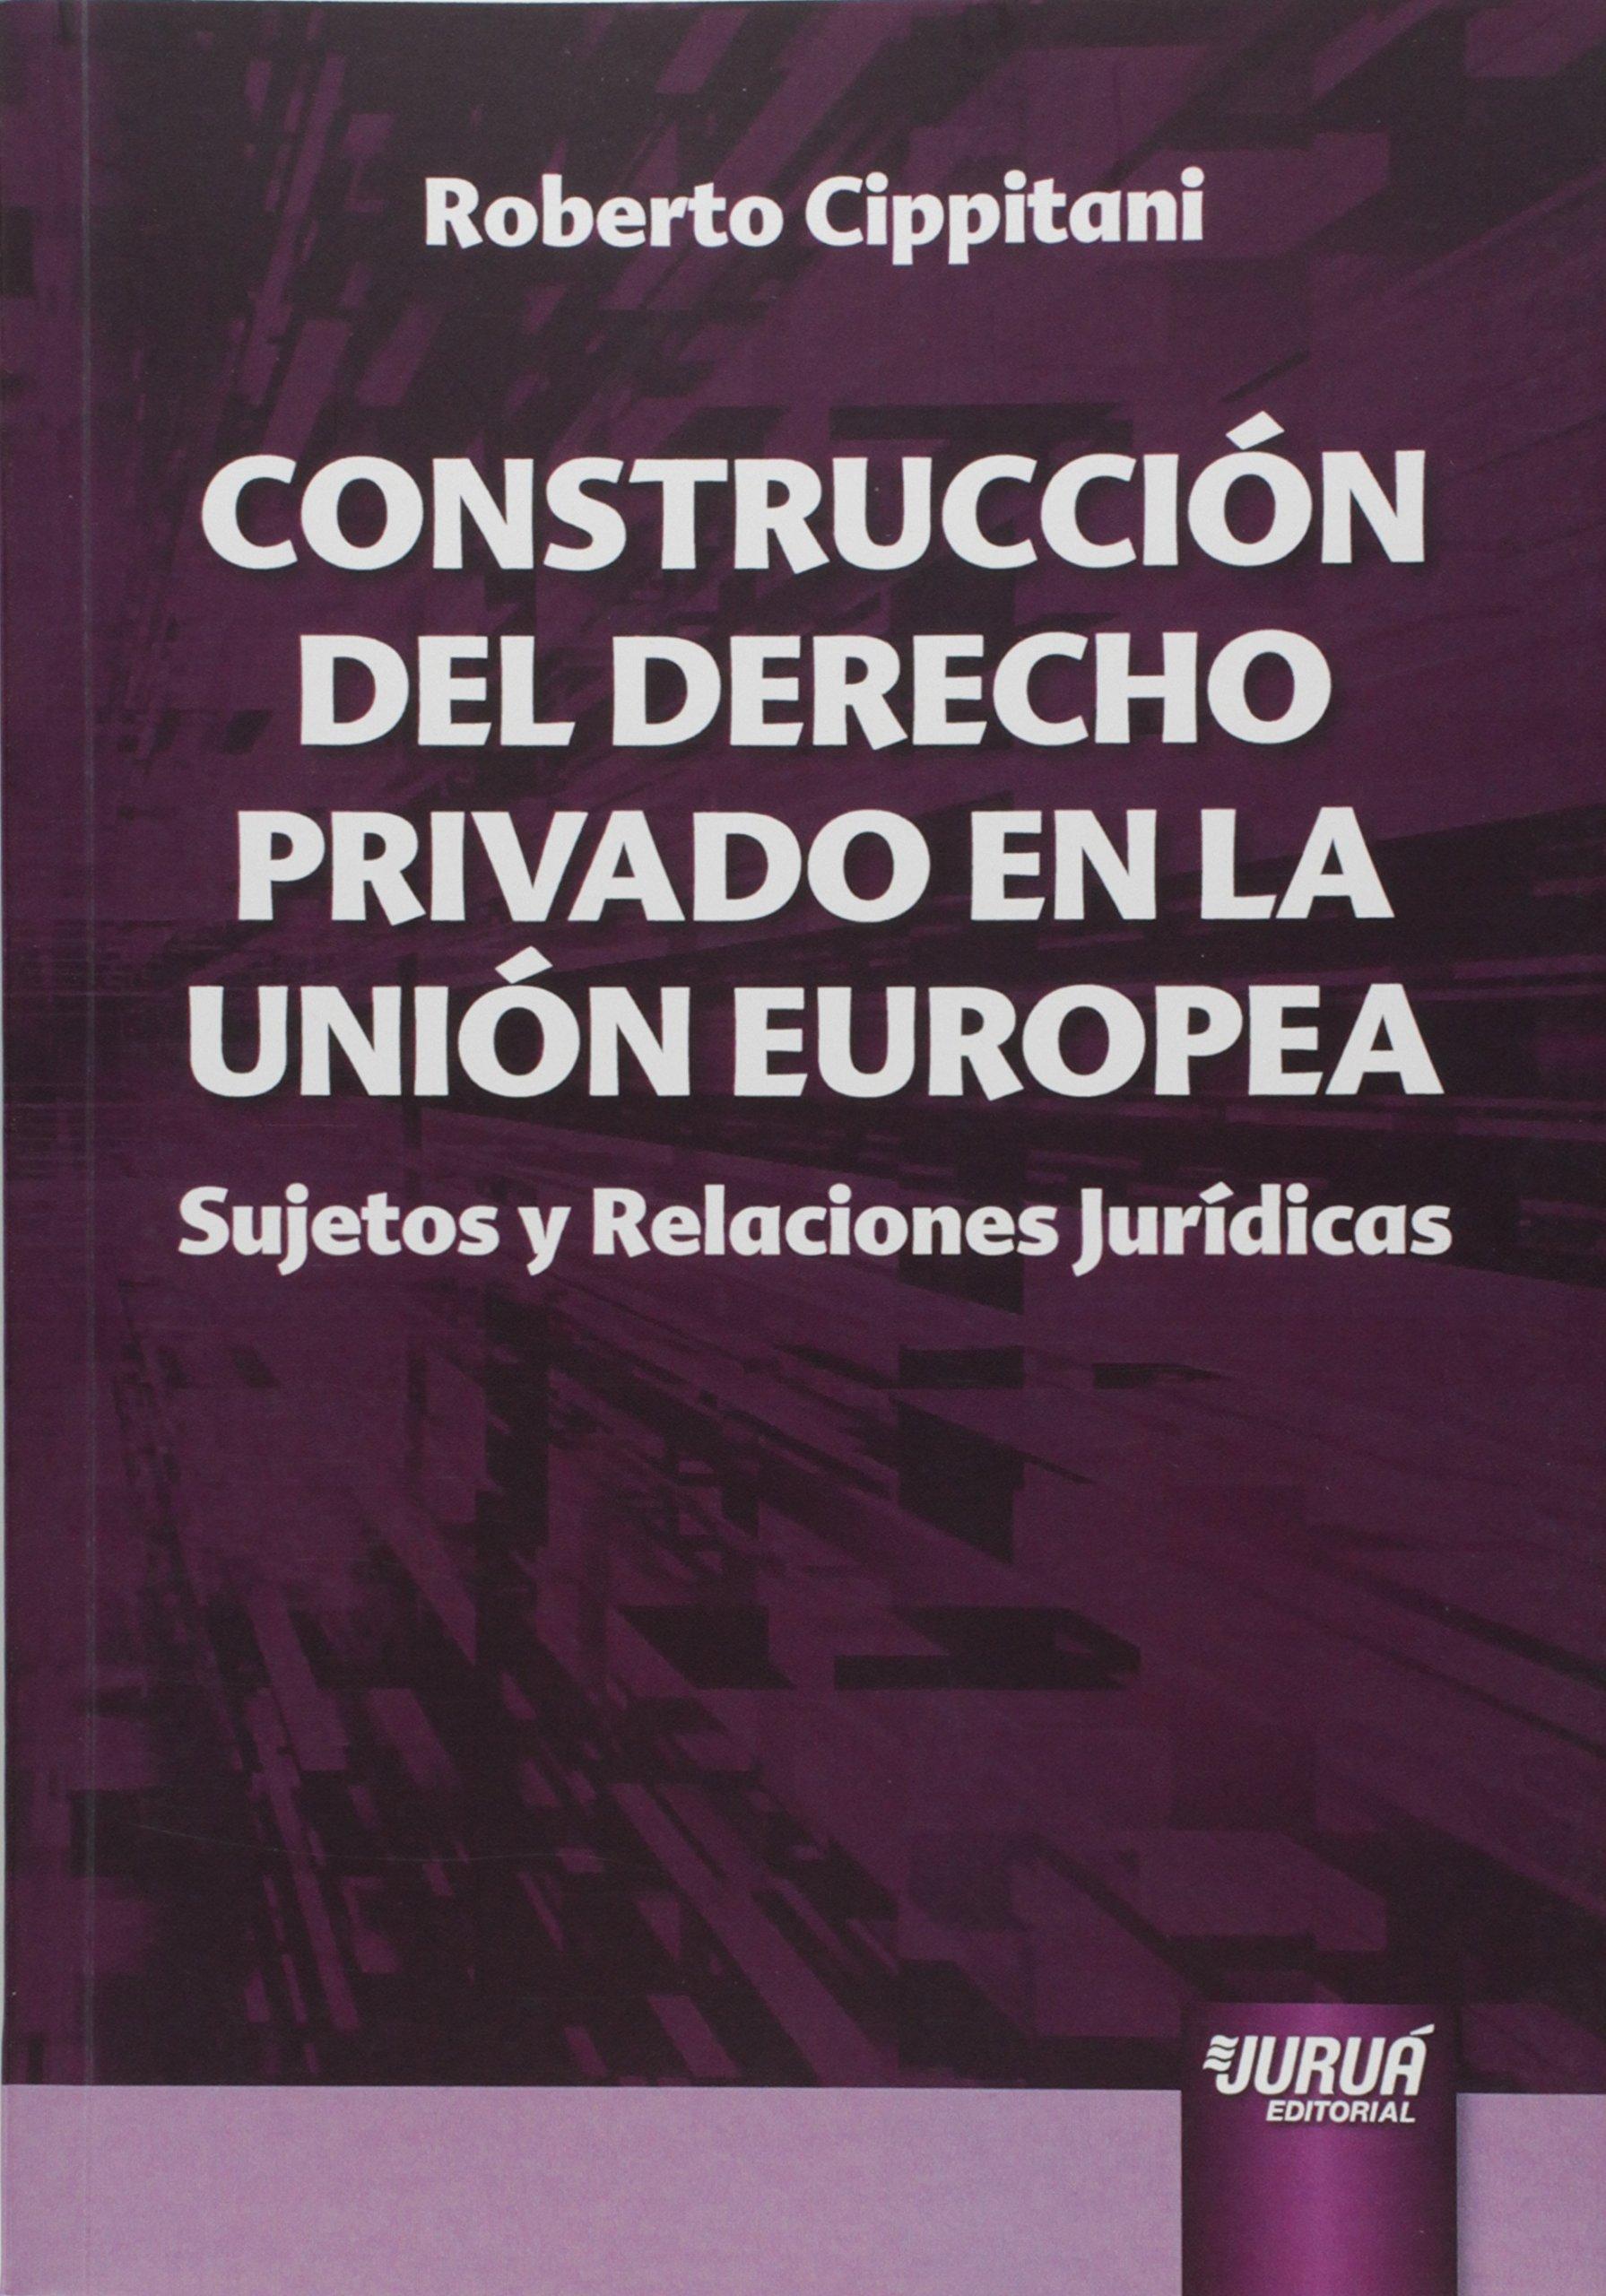 Construcción del Derecho Privado en la Unión Europea. Sujetos y Relaciones Jurídicas Em Portuguese do Brasil: Amazon.es: Roberto Cippitani: Libros